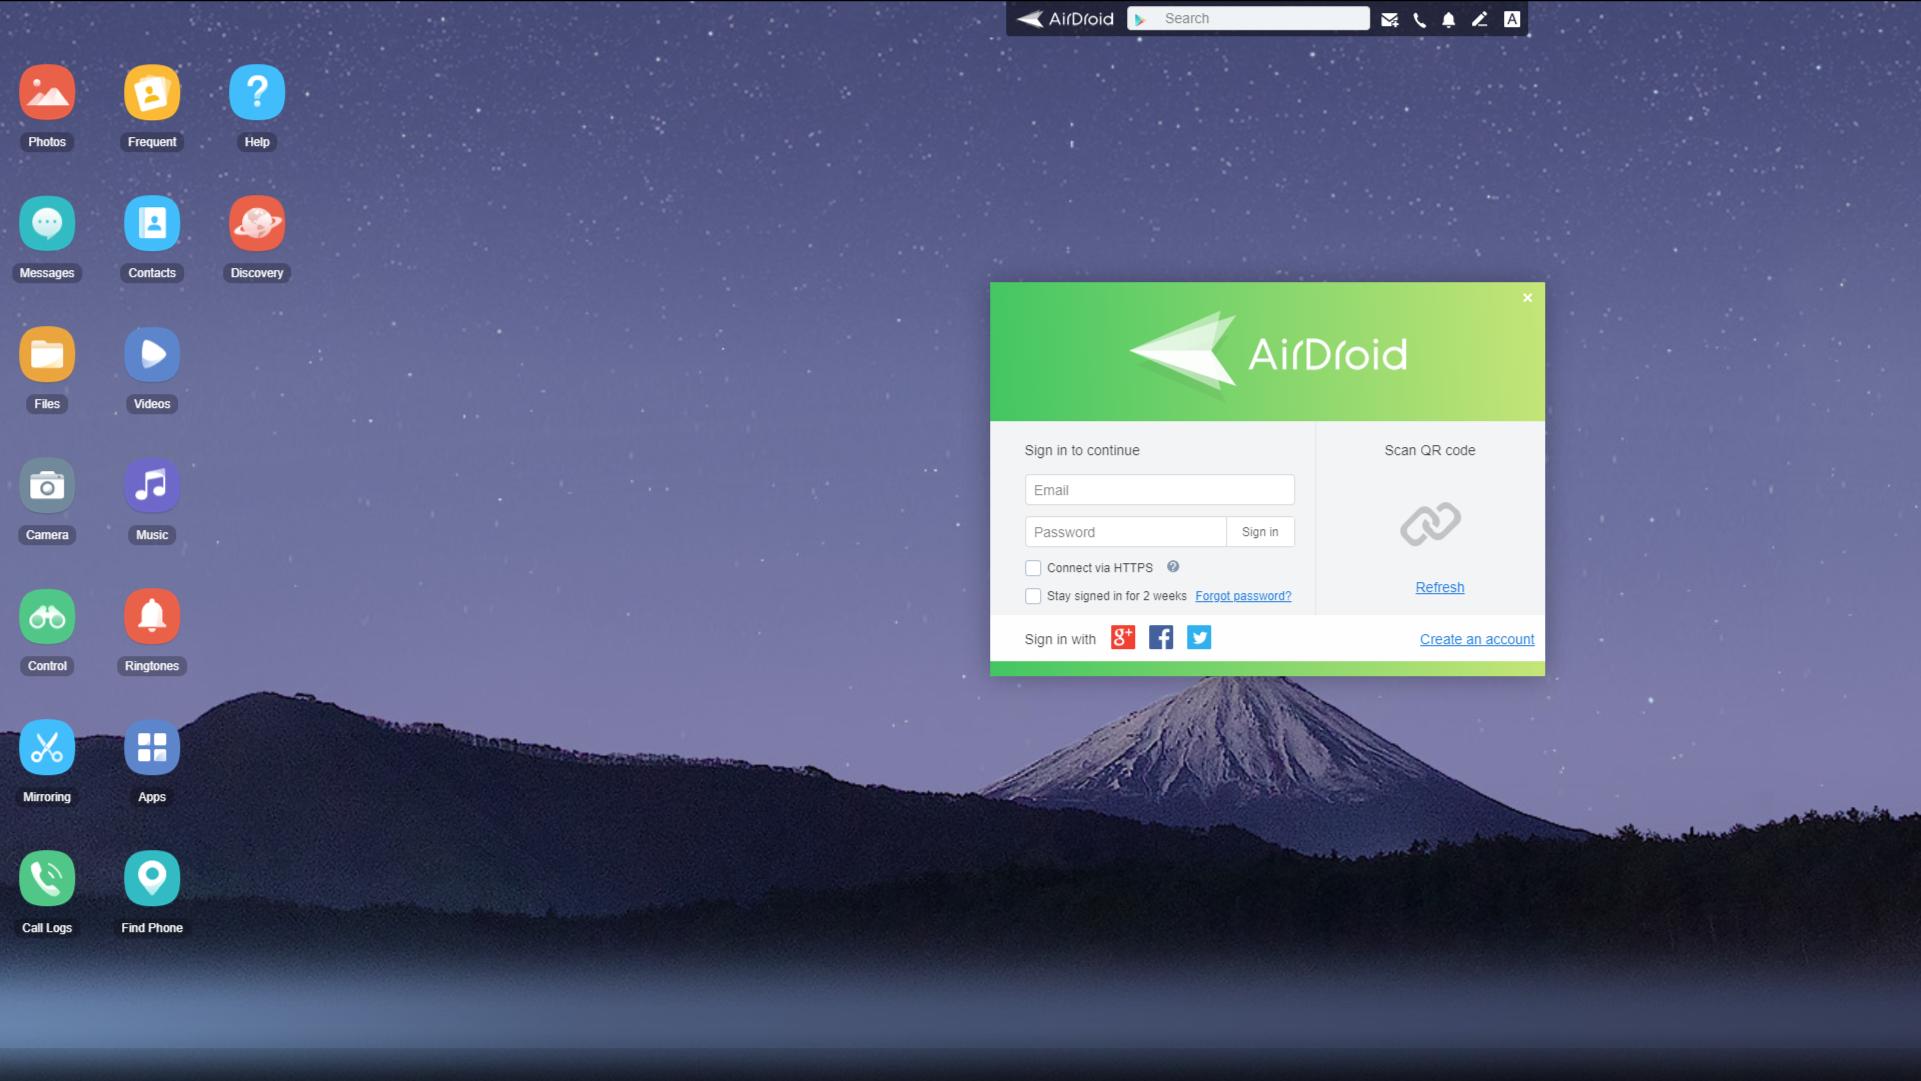 Mit der AirDroid-App übertragen Sie Daten per WLAN vom Handy auf den PC.